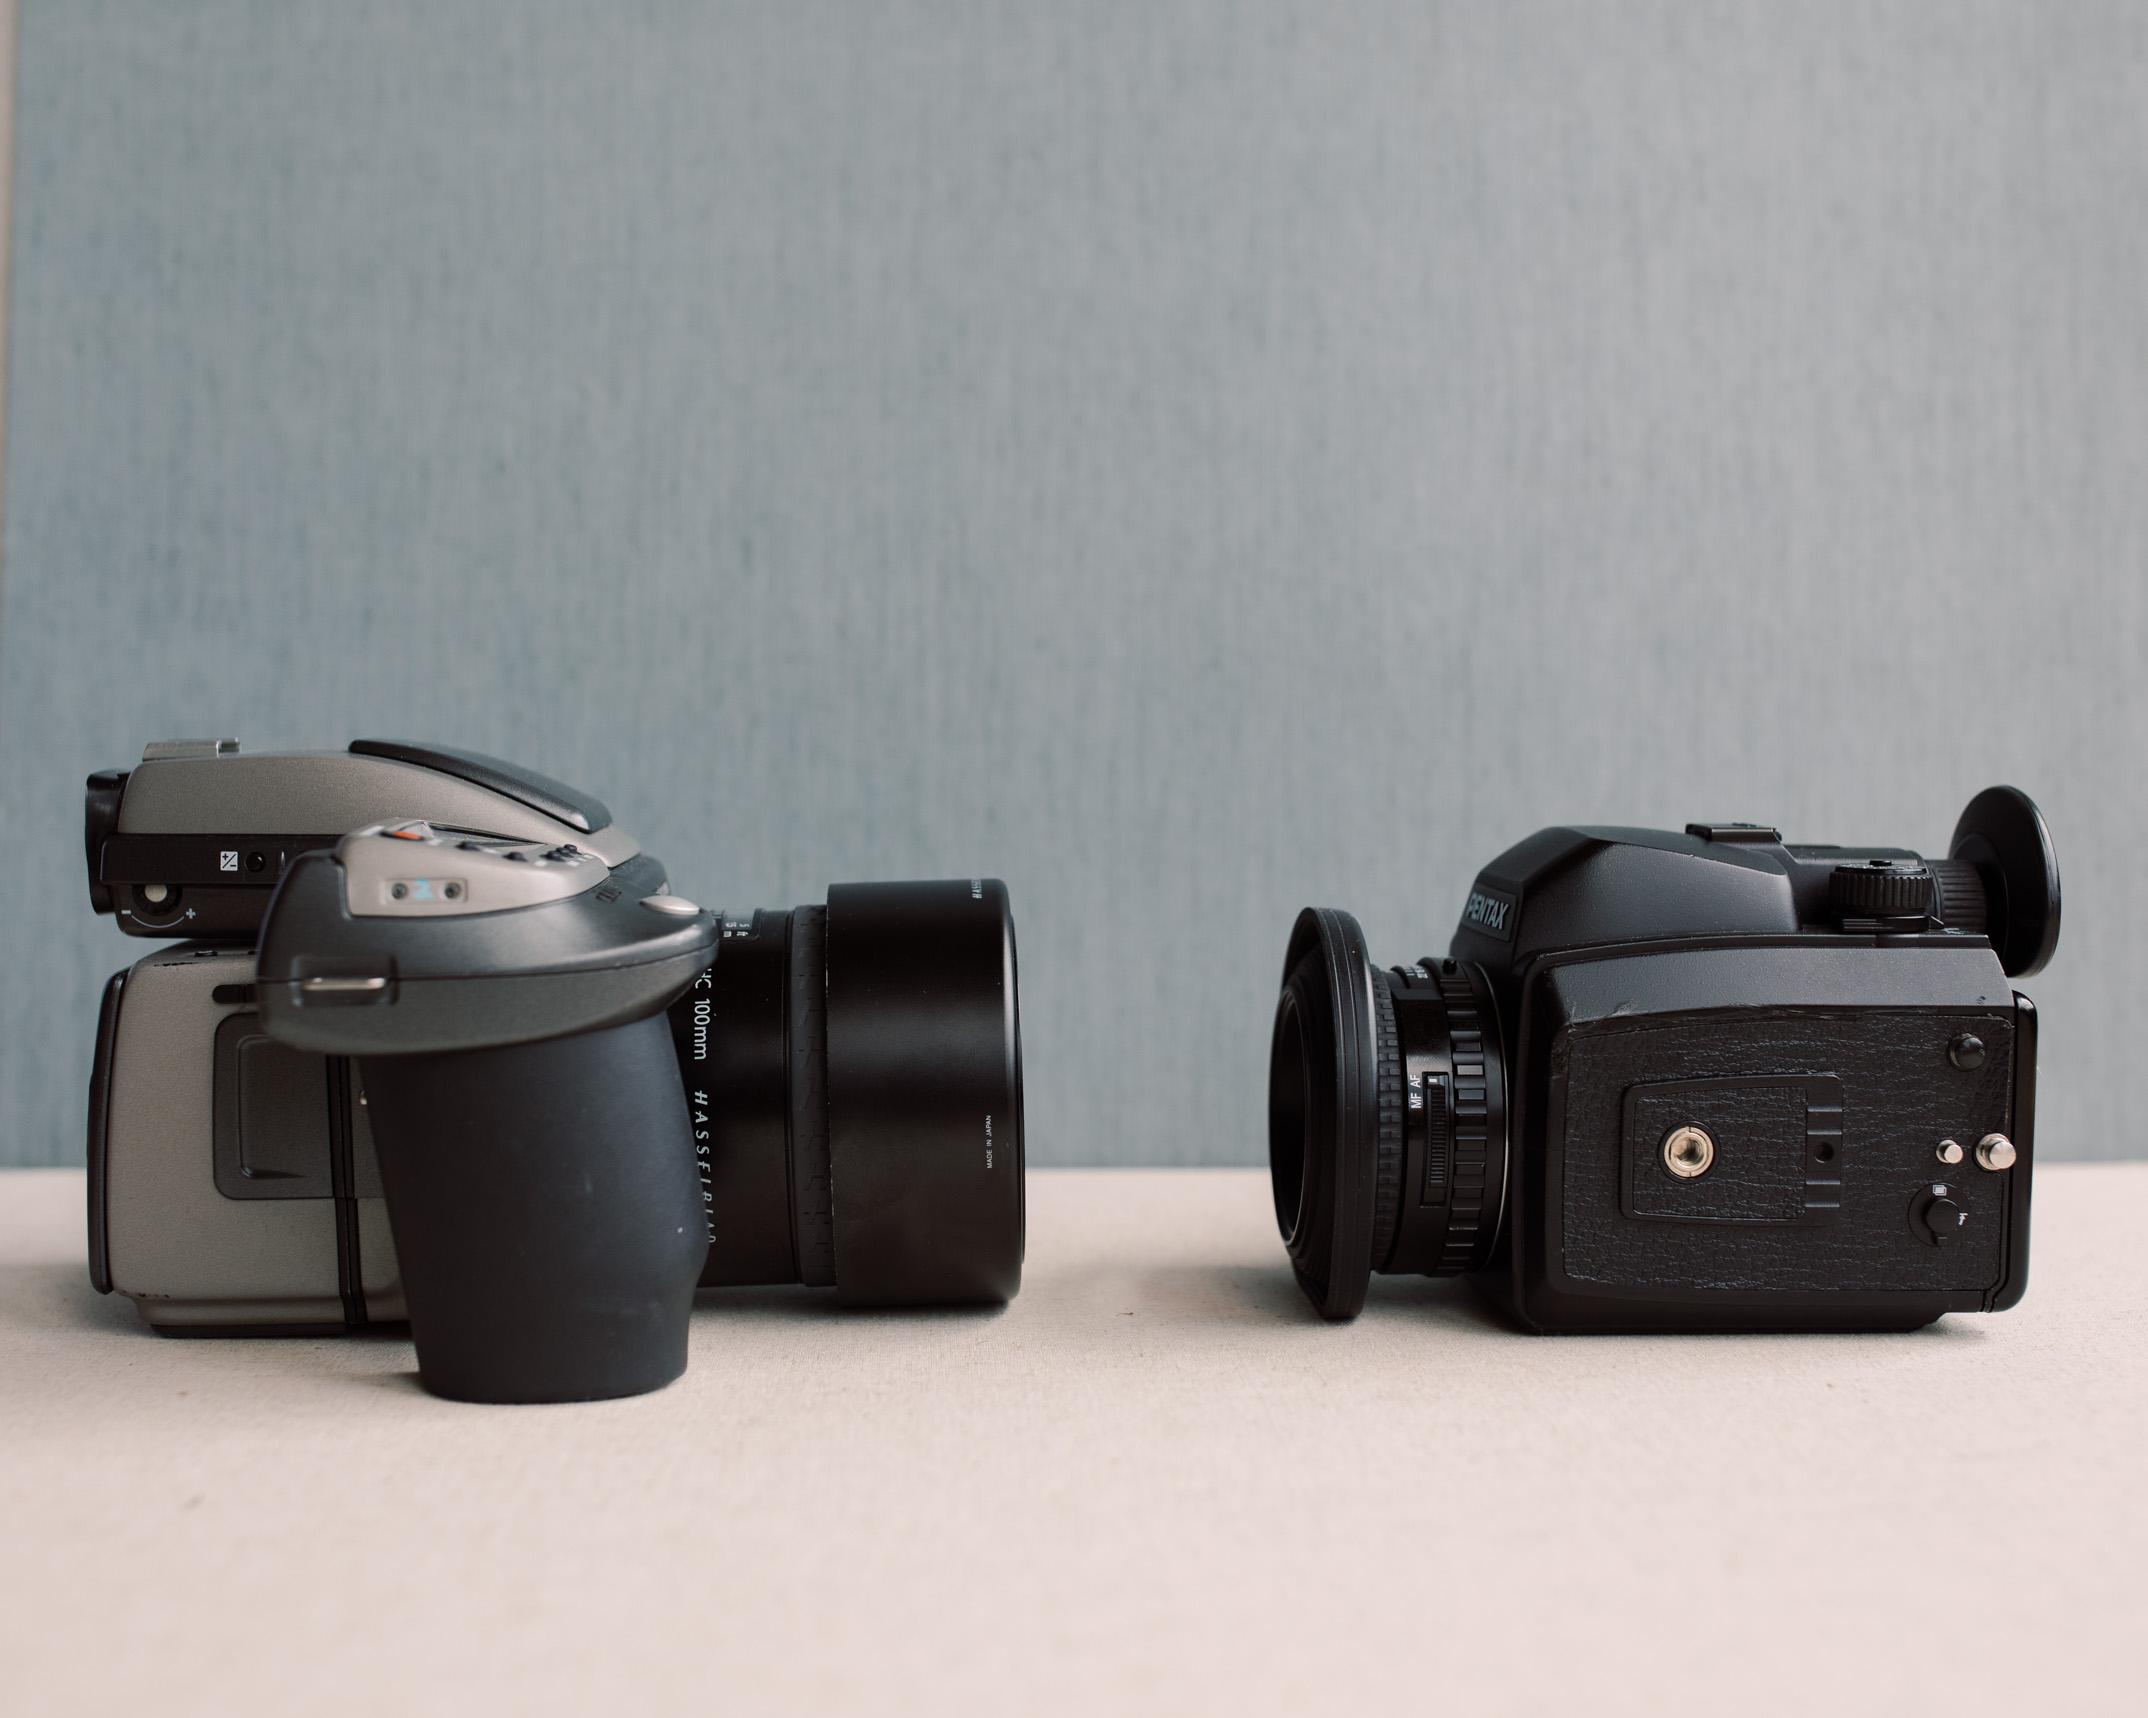 Hasselblad H2 vs Pentax 645nii